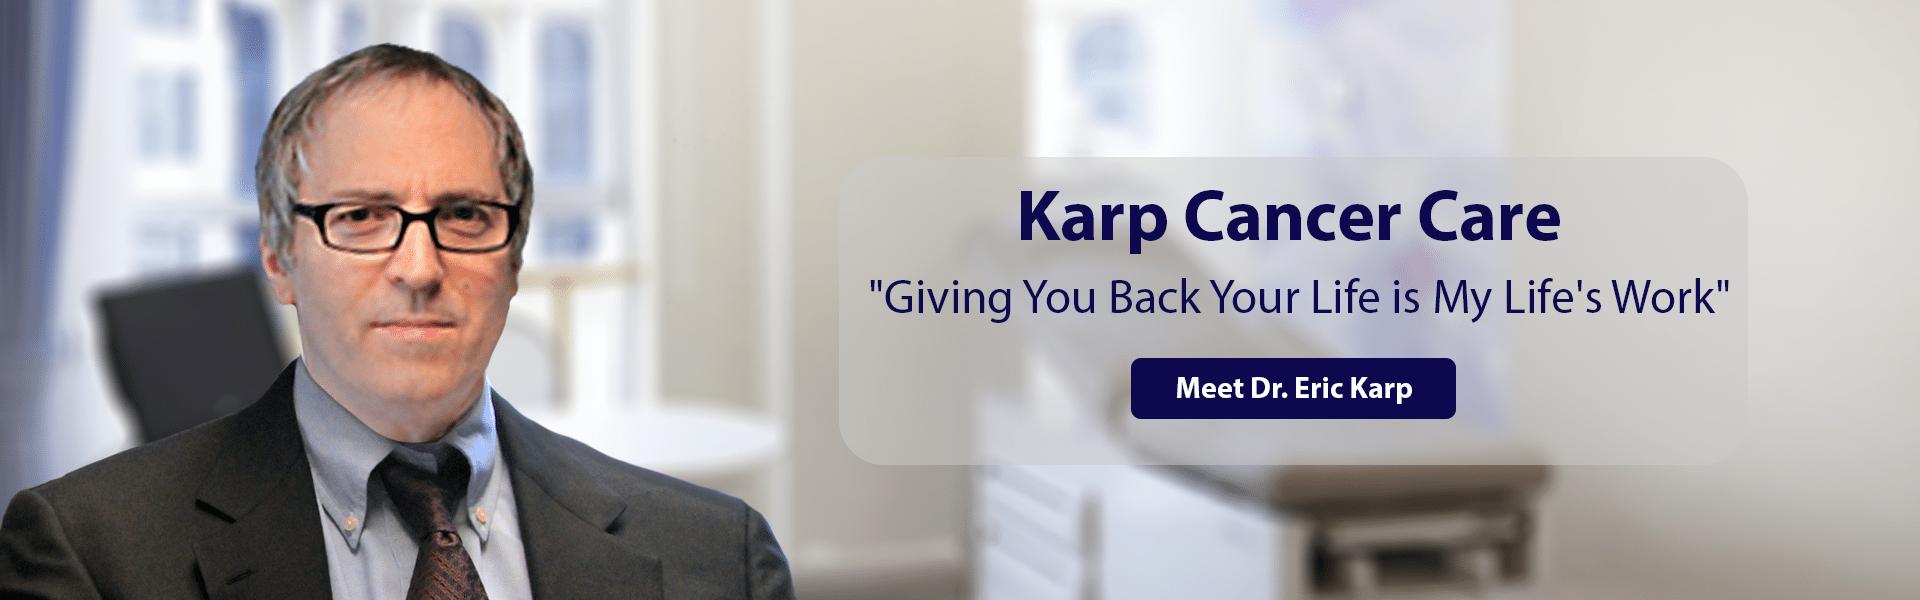 Dr. Eric Karp